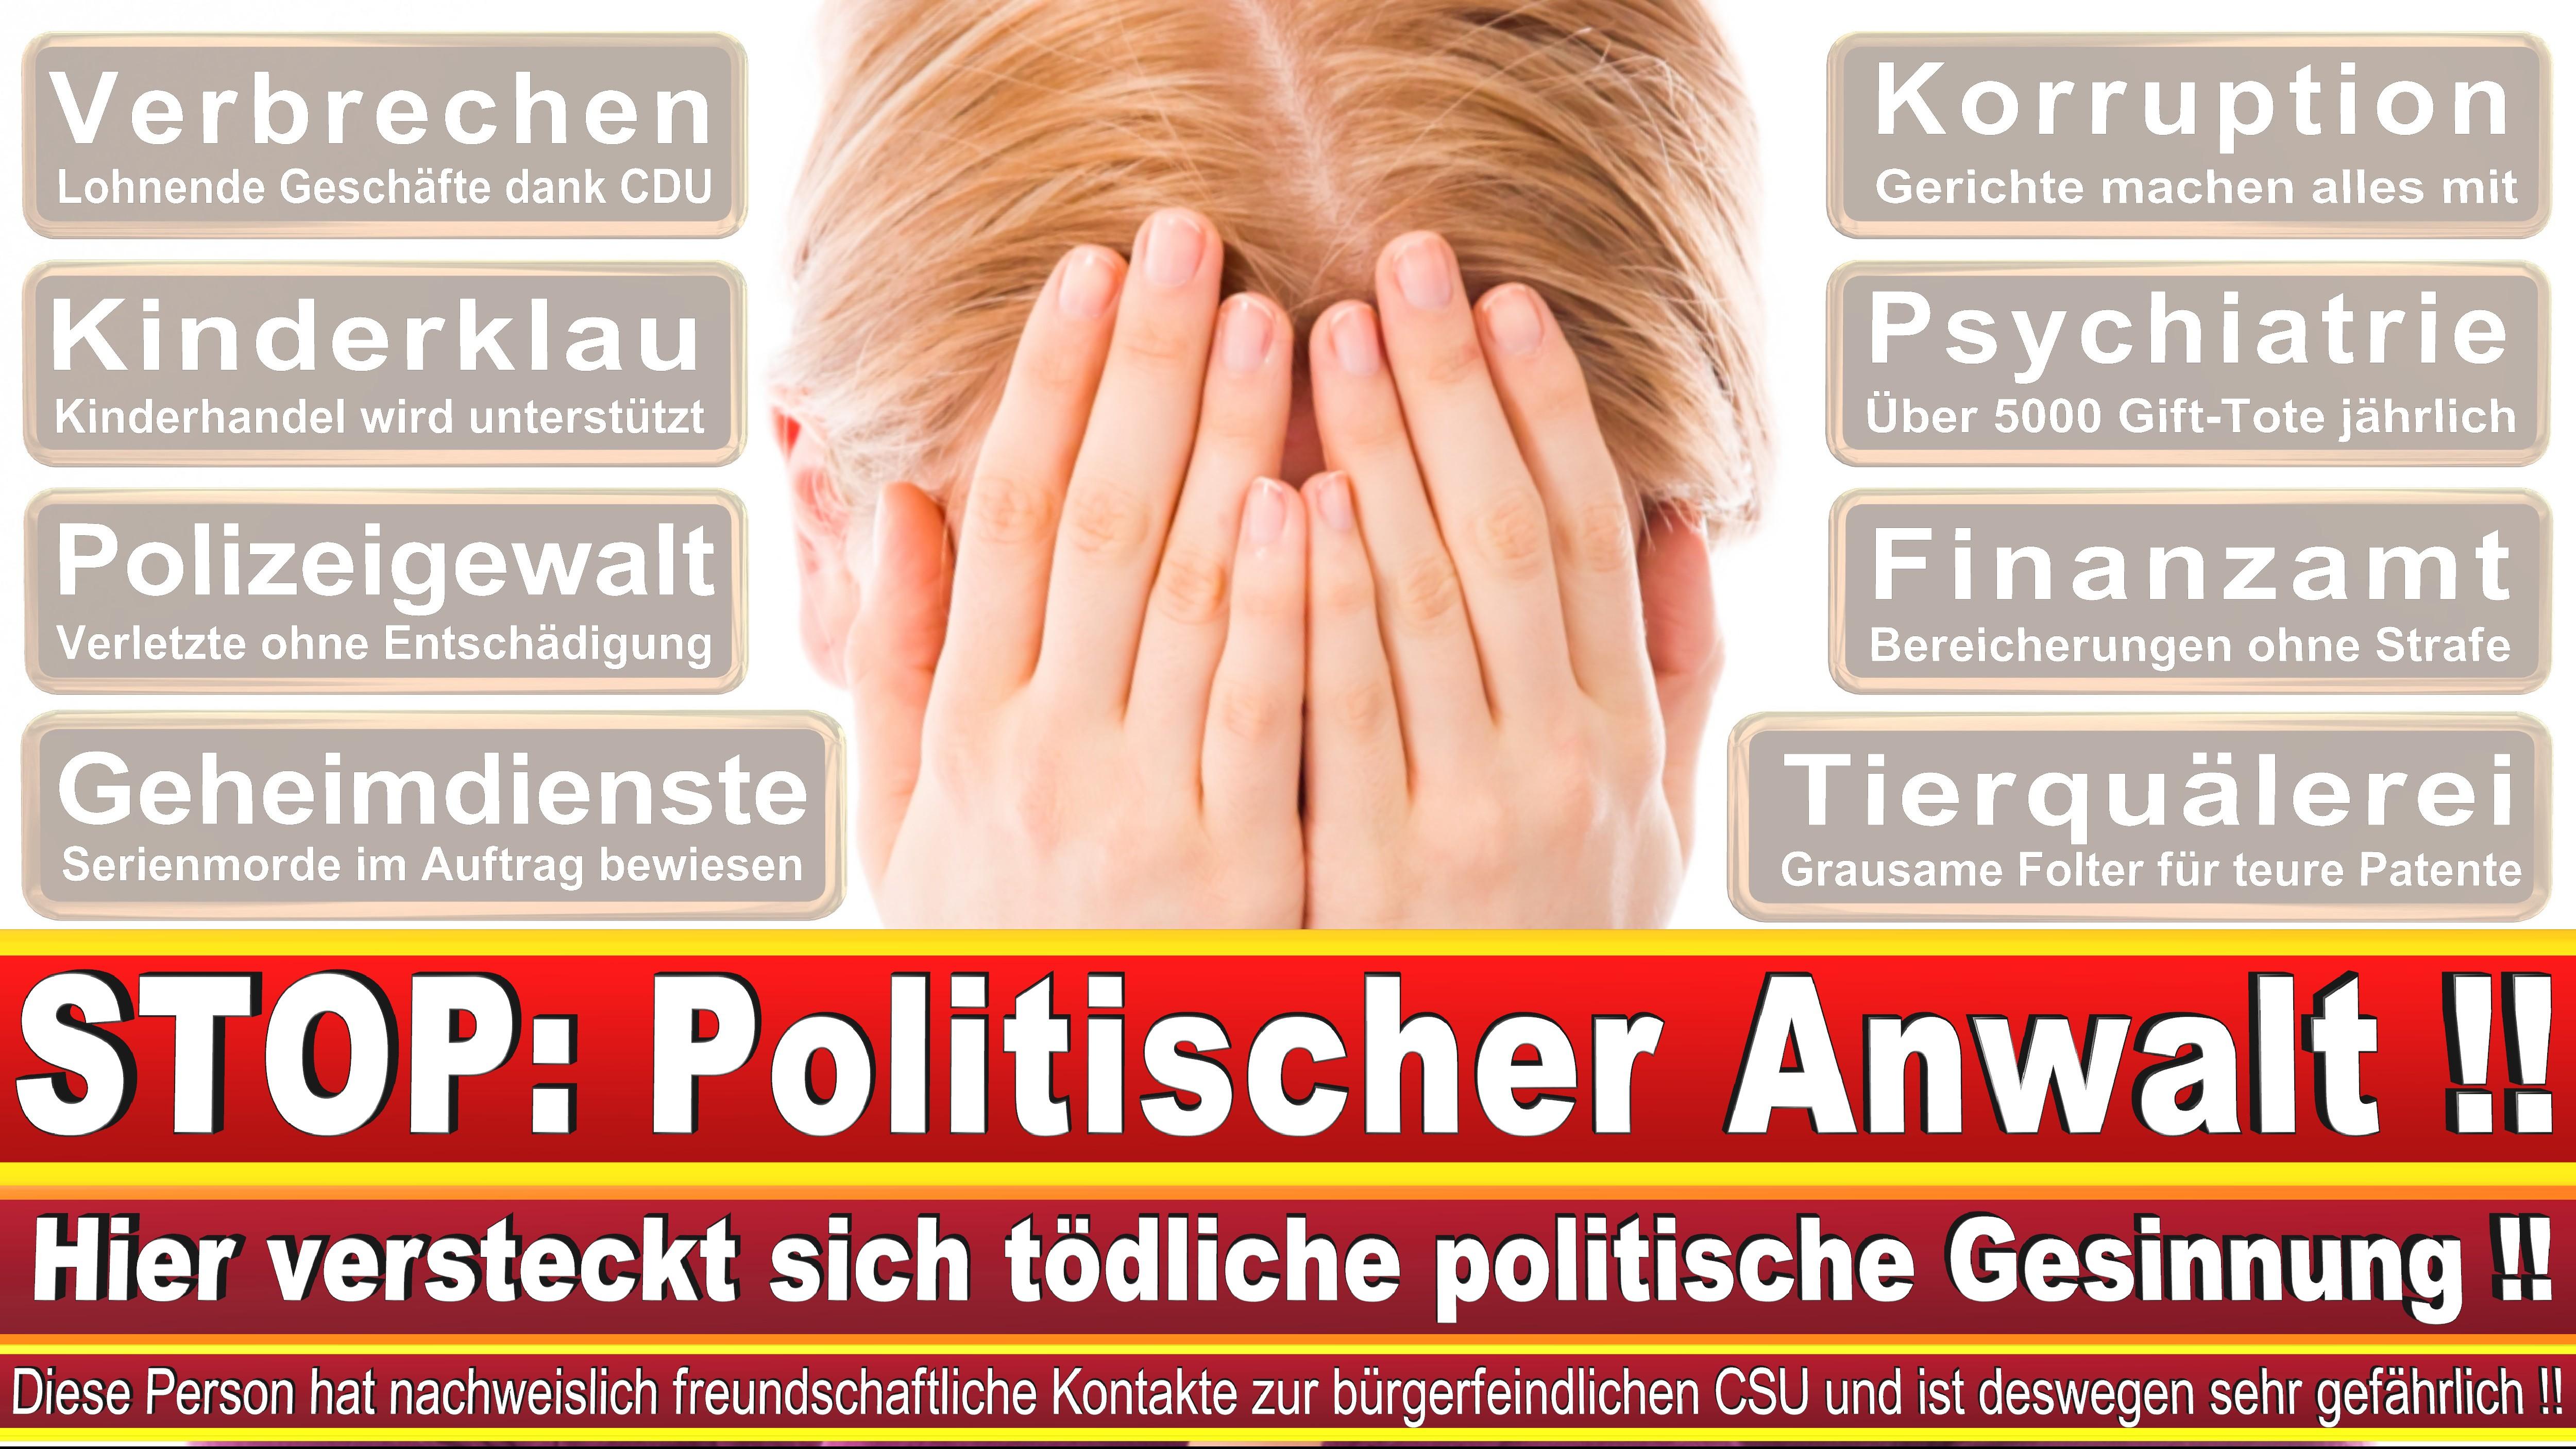 Rechtsanwalt Kaspar Laurenz Reif Berlin Referent Außen Und Sicherheitspolitik CDU CSU Bundestagsfraktion 1